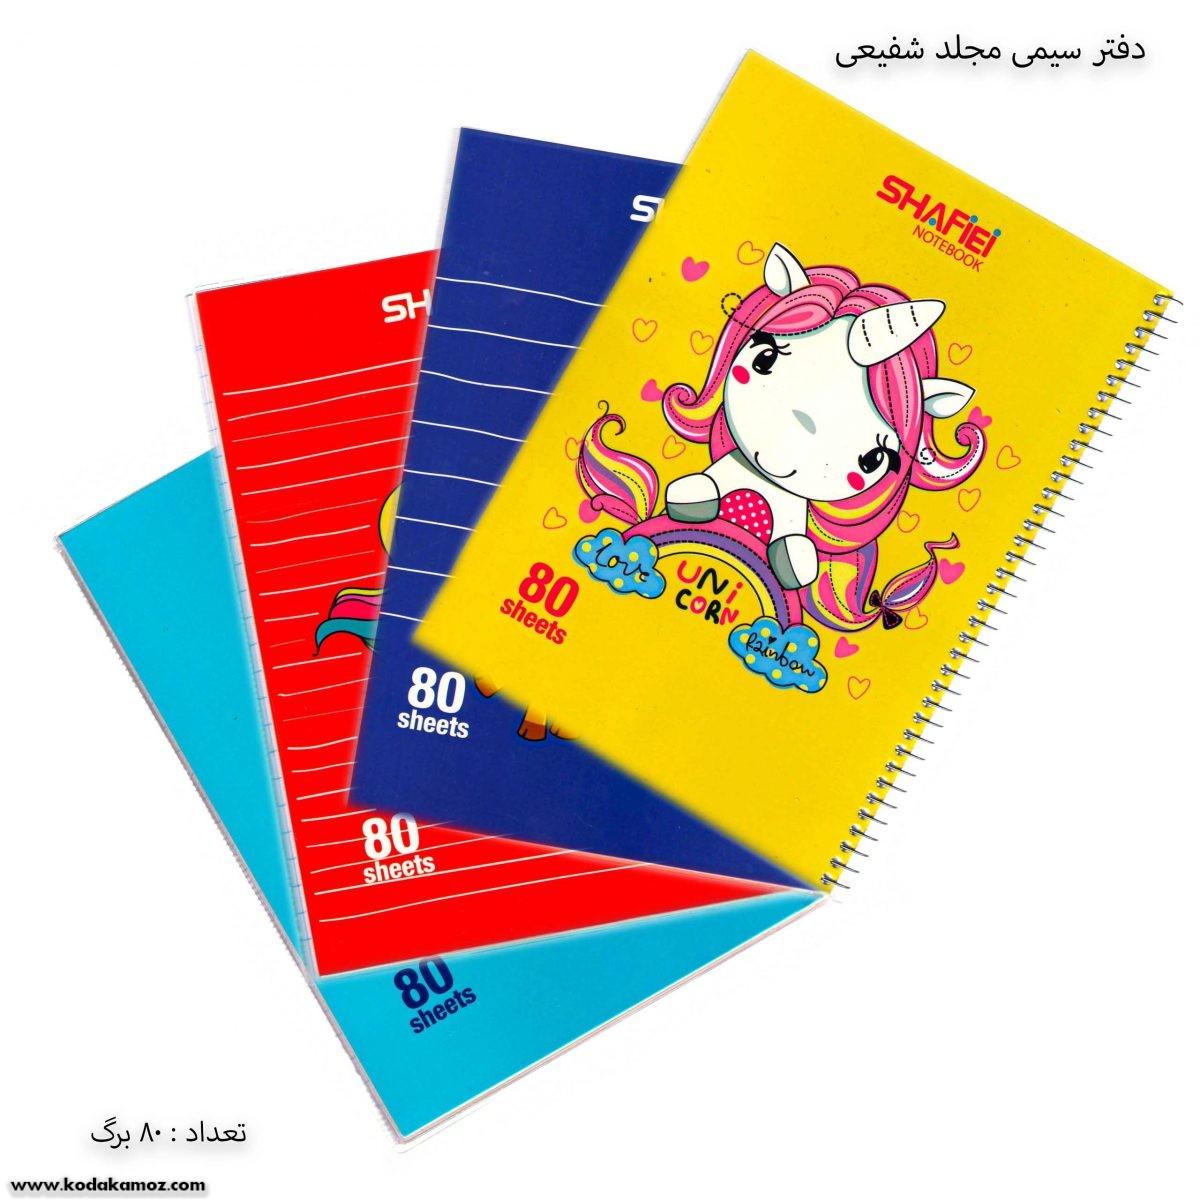 دفتر 80 سیمی مجلد شفیعی کد 112